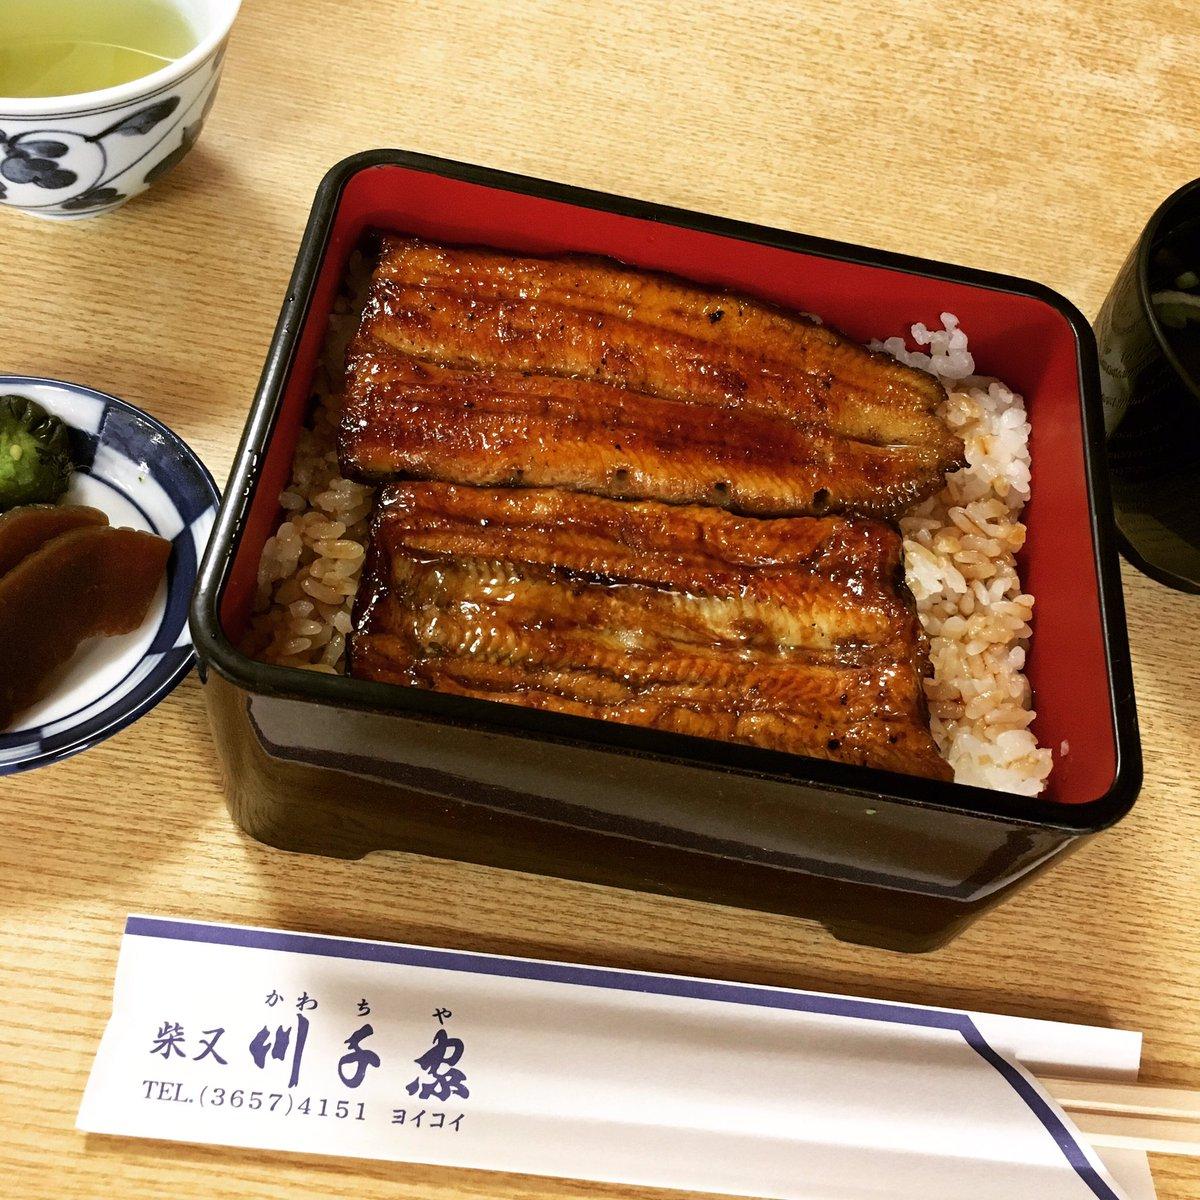 アニメのデレマスで江戸切子職人さんがいたところは本当は鰻屋さんです。 美味い〜ヾ(@⌒ー⌒@)ノ https://t.co/54QC1GHNHY